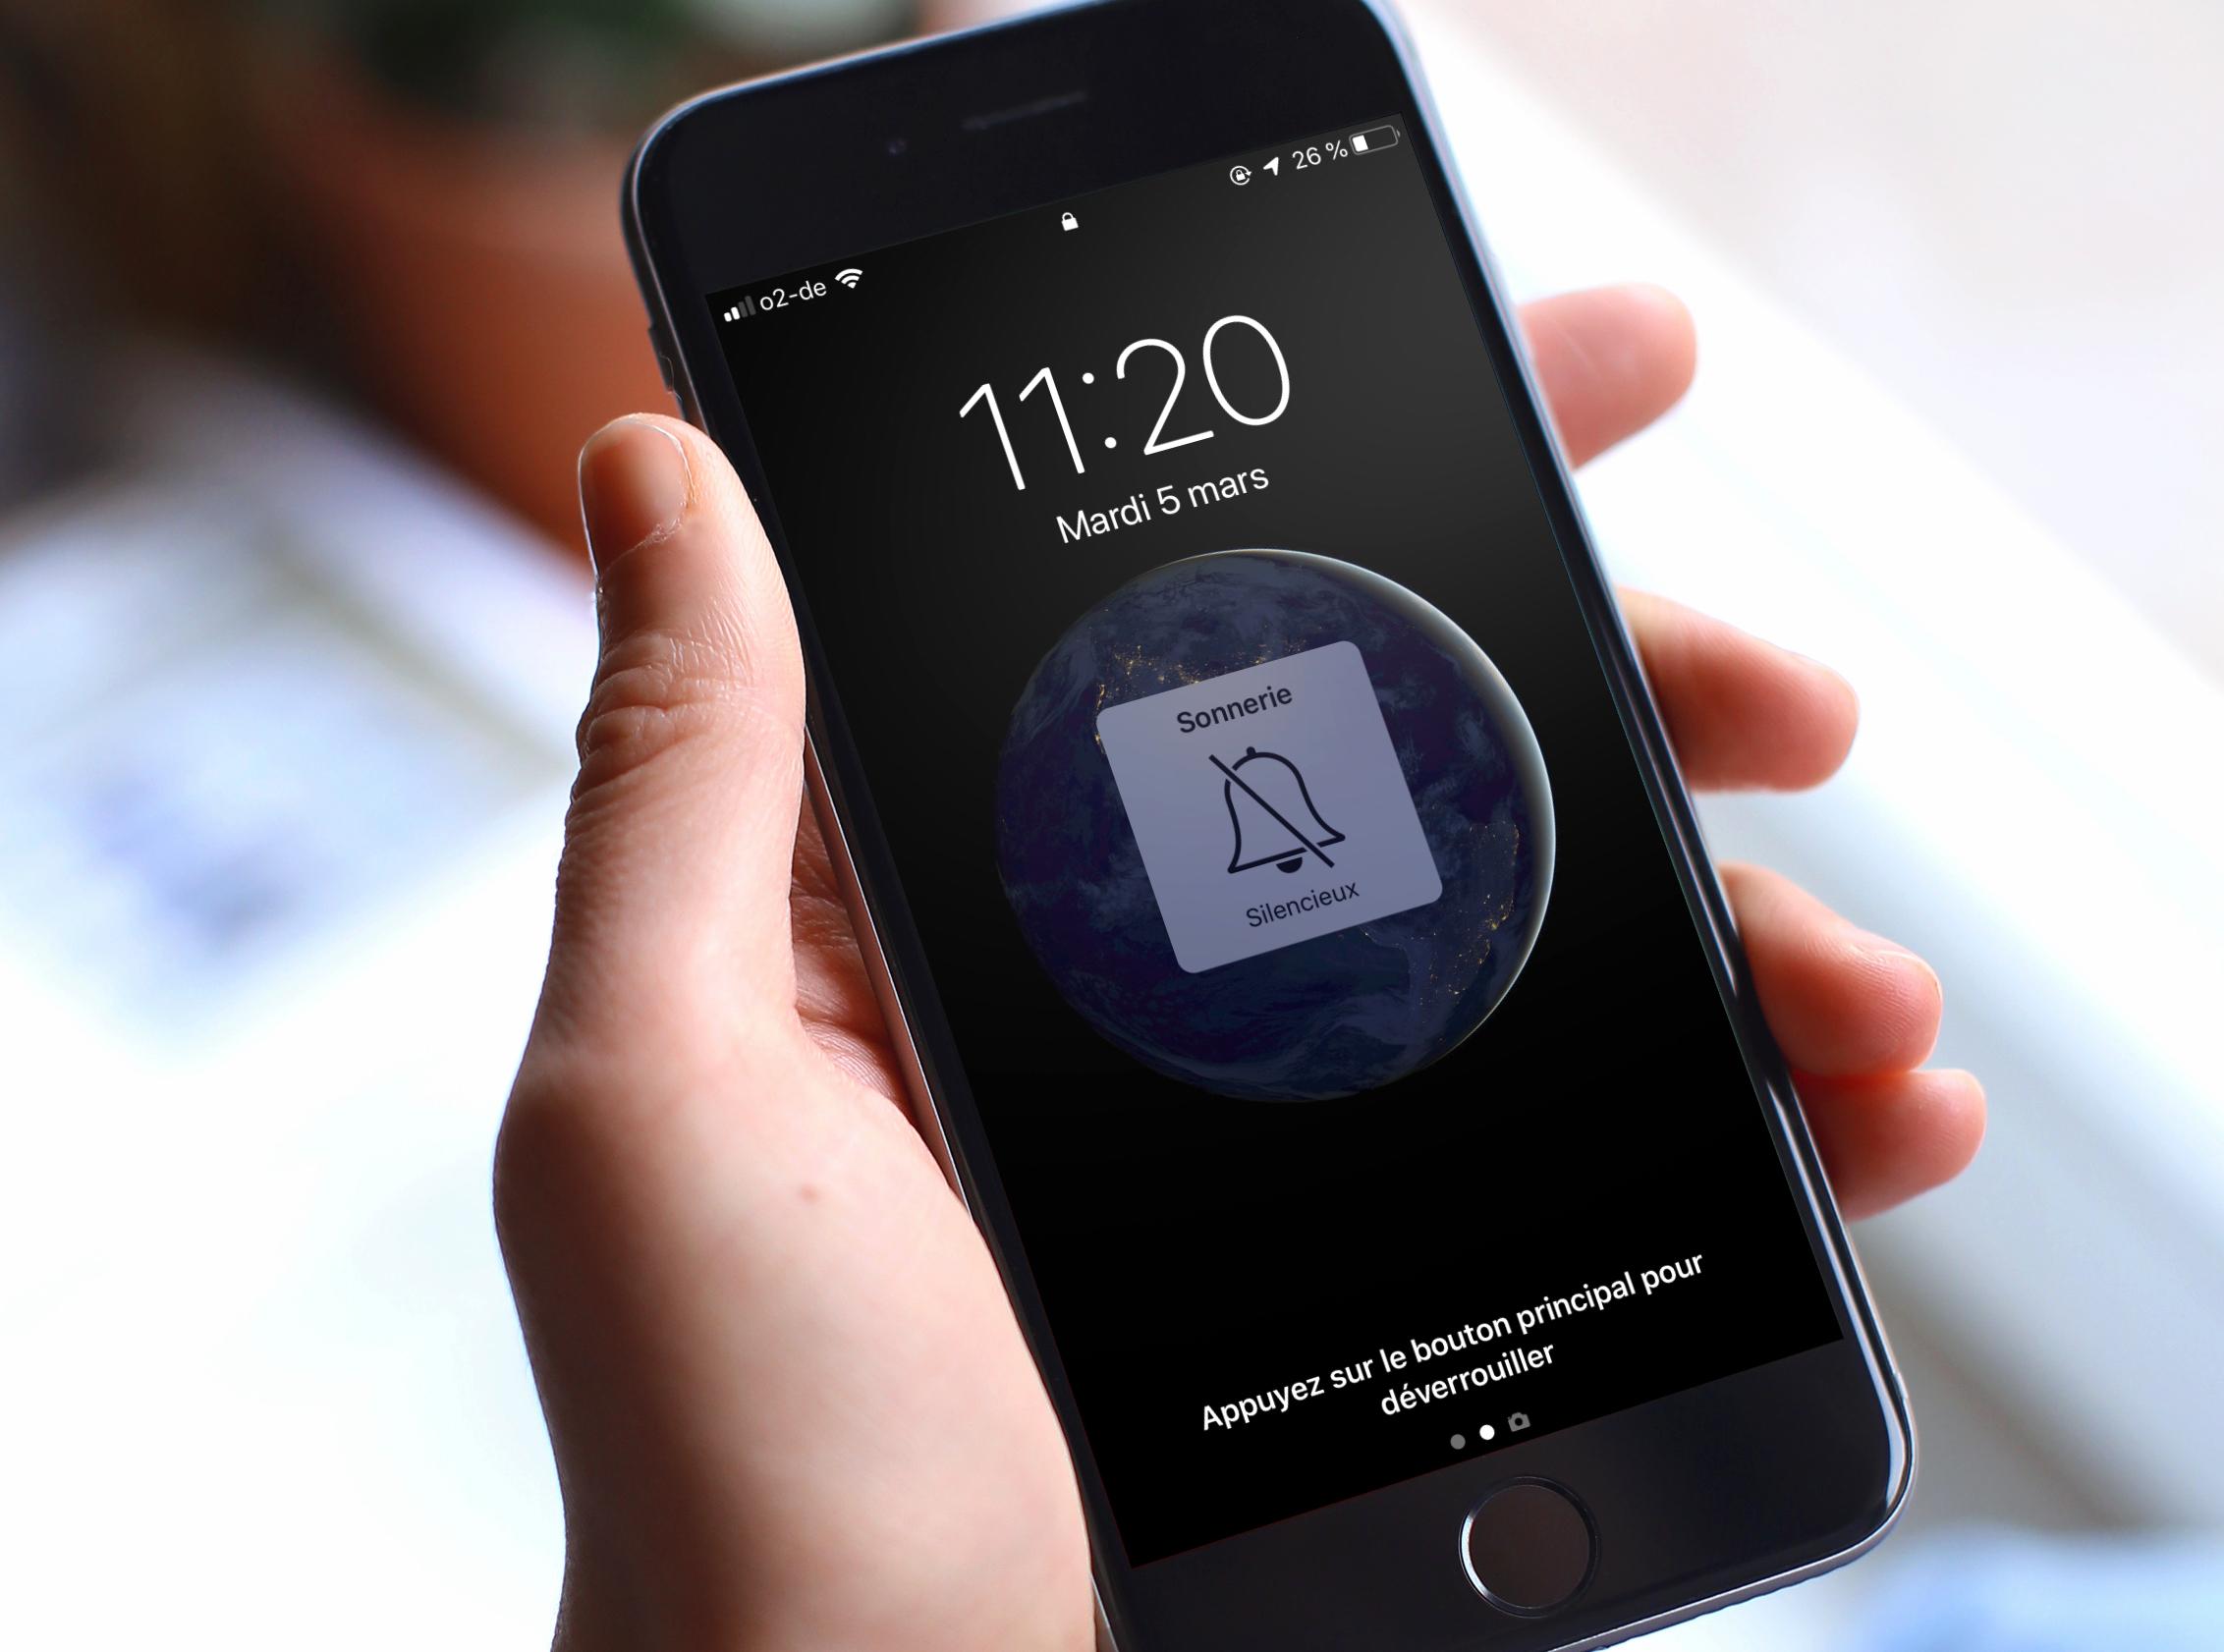 iOS en pratique : paramétrer le mode silence de l'iPhone pour qu'il ne vibre pas et devienne vraiment discret (Màj) 1